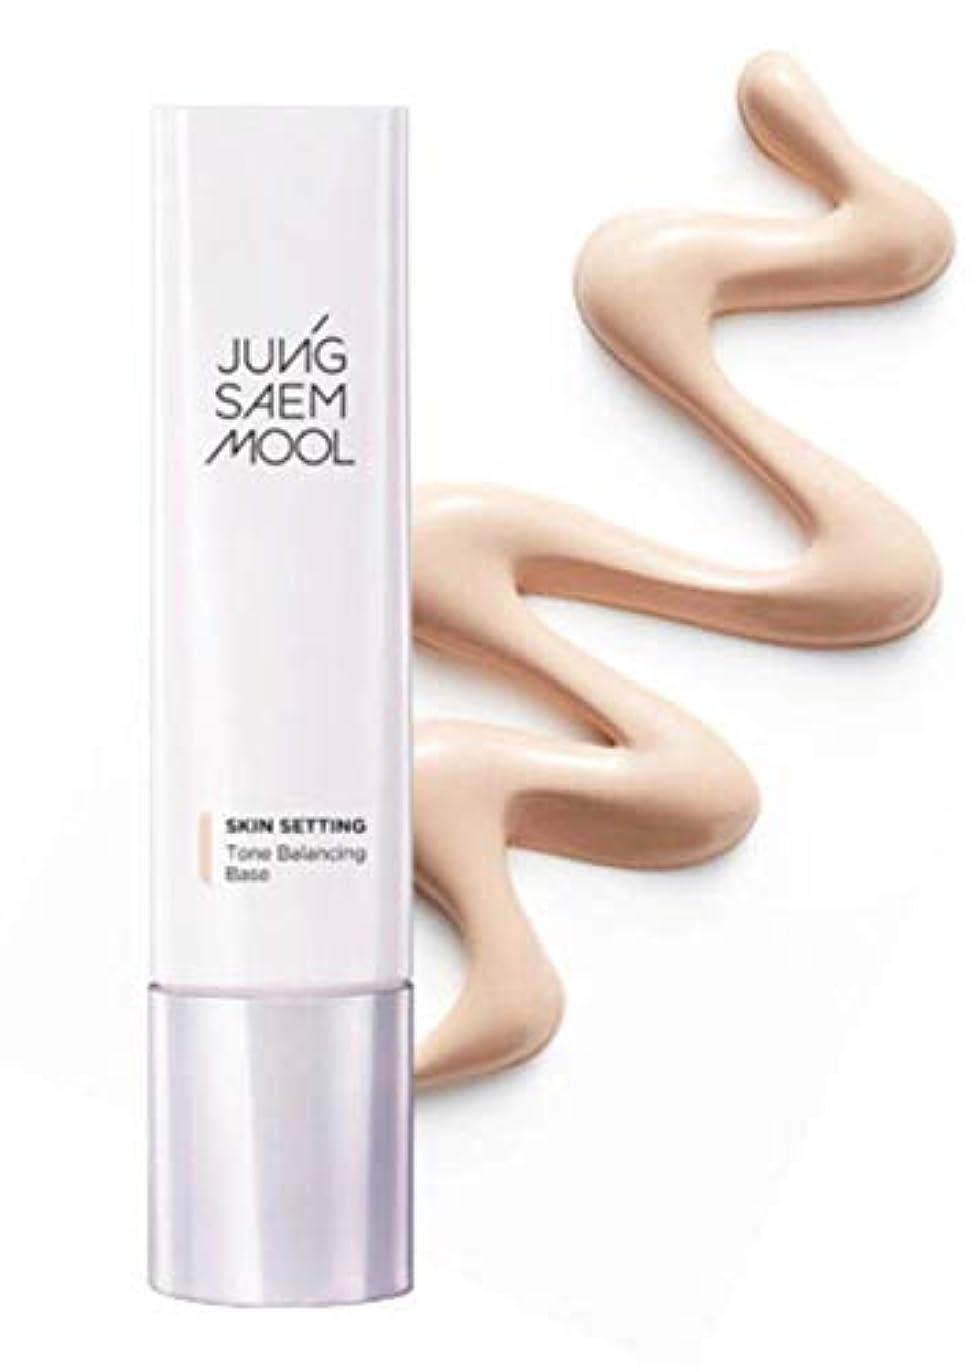 登山家不均一屋内[JUNG SAEM MOOL] Skin Setting Tone Balancing Base 40ml / ジョンセンムル スキン セッティング トーン バランシング ベース [並行輸入品]